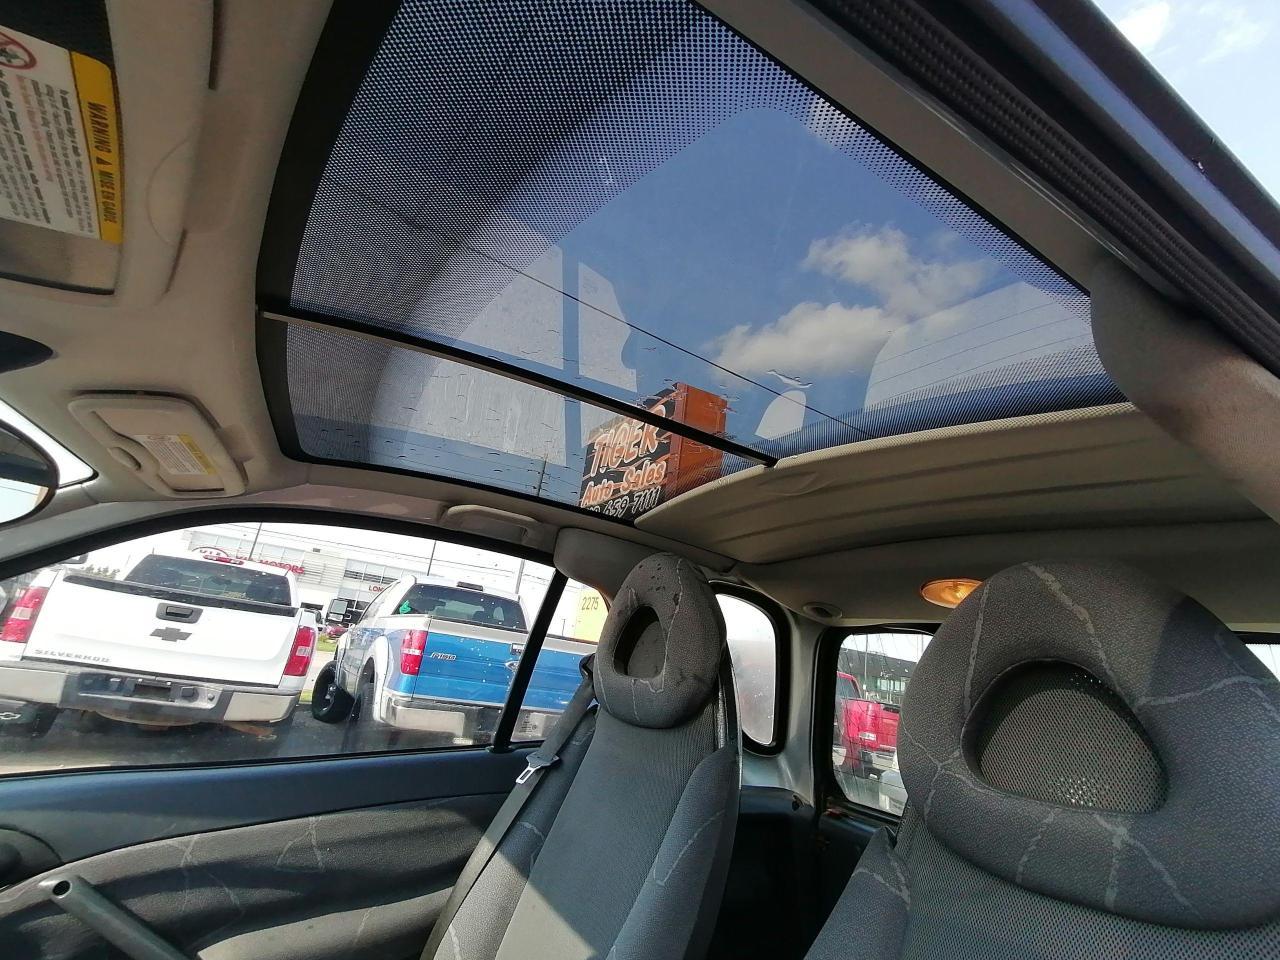 2005 Mercedes-Benz smart car